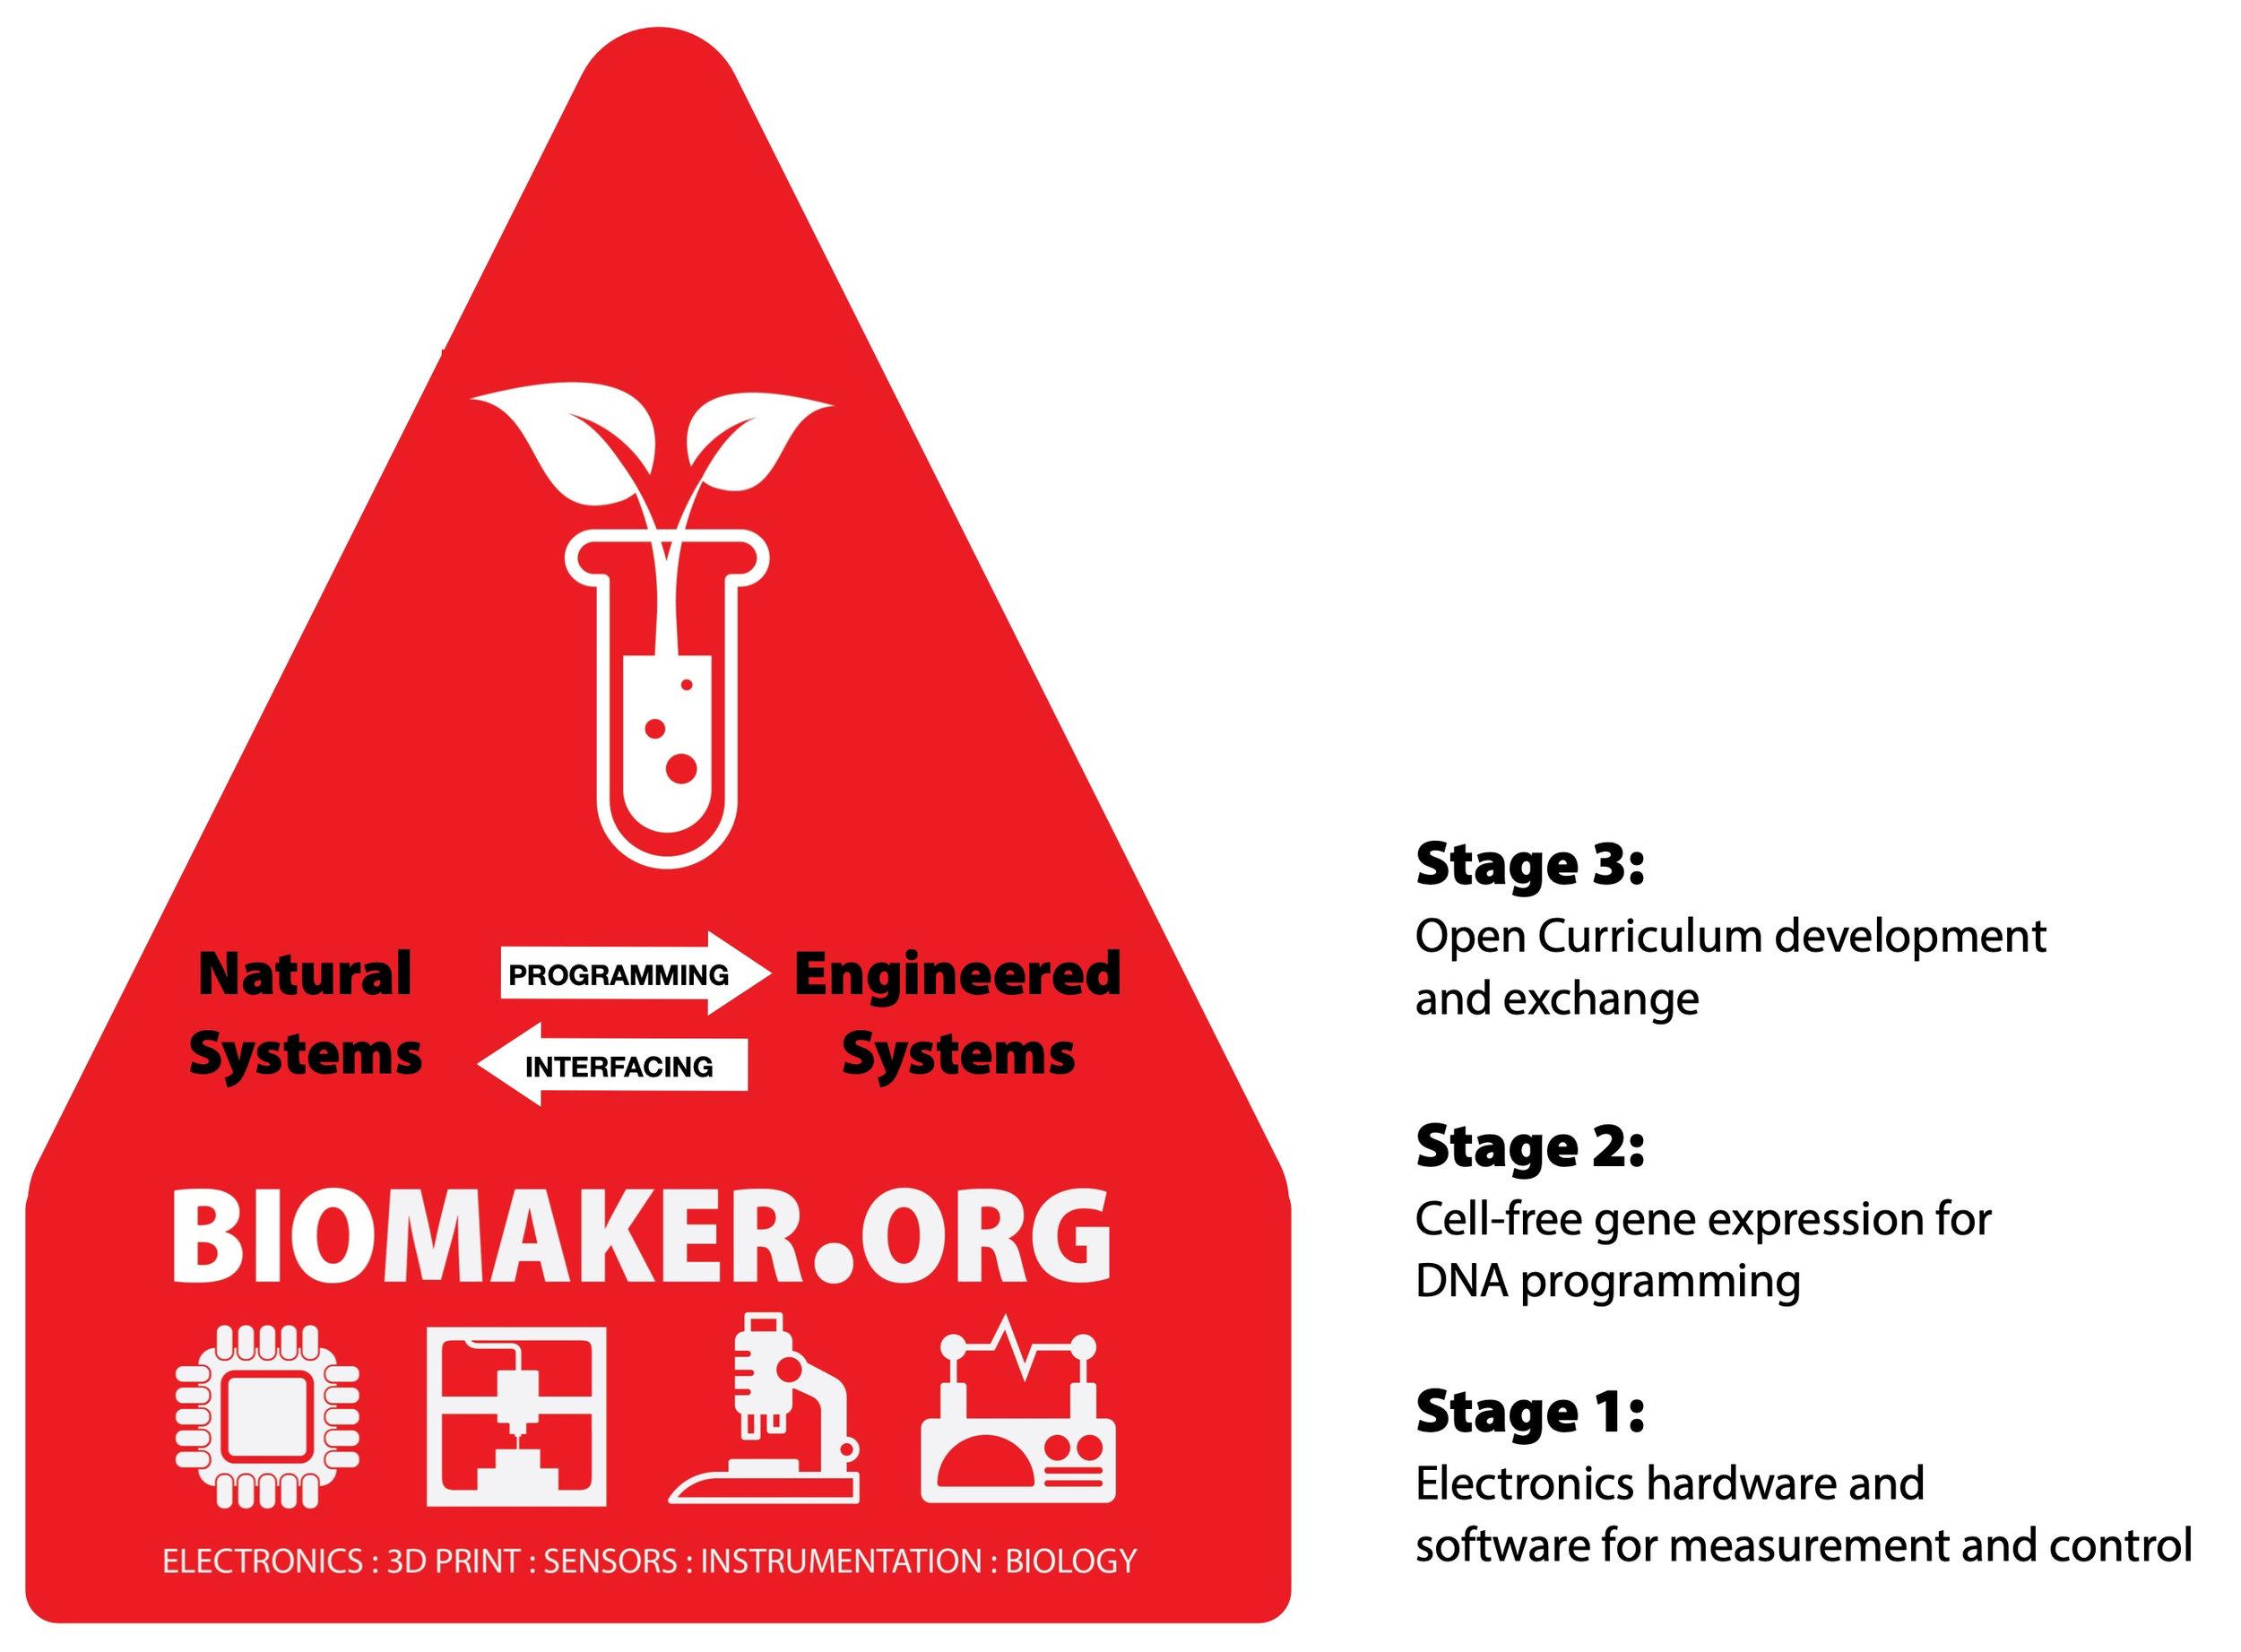 BiomakerOrg_diag1.jpg